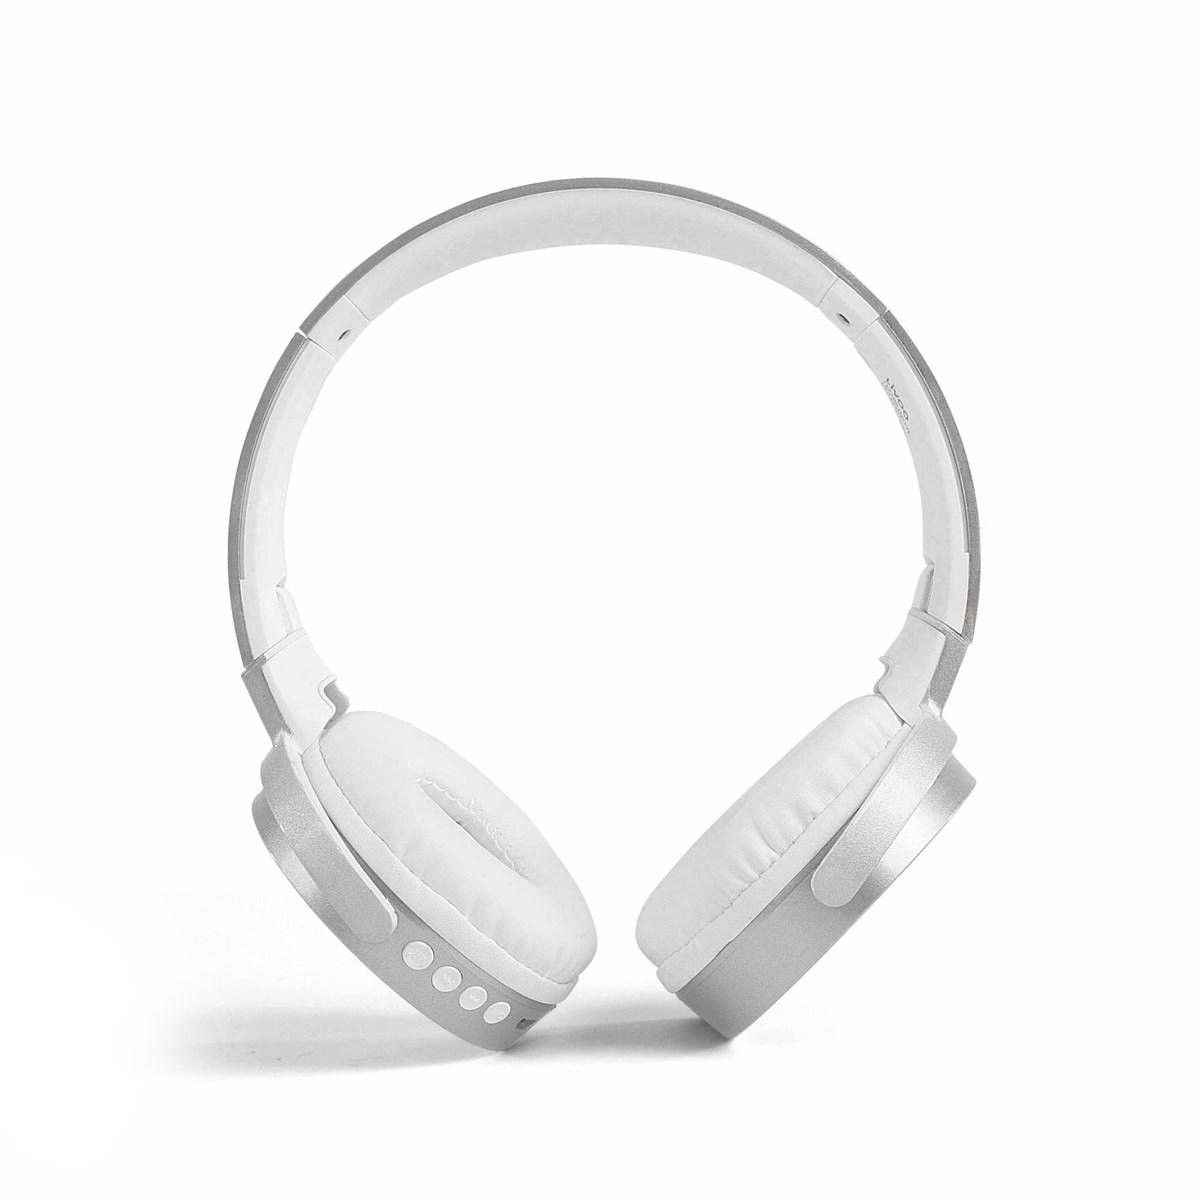 Casque compatible Bluetooth en plastique argent